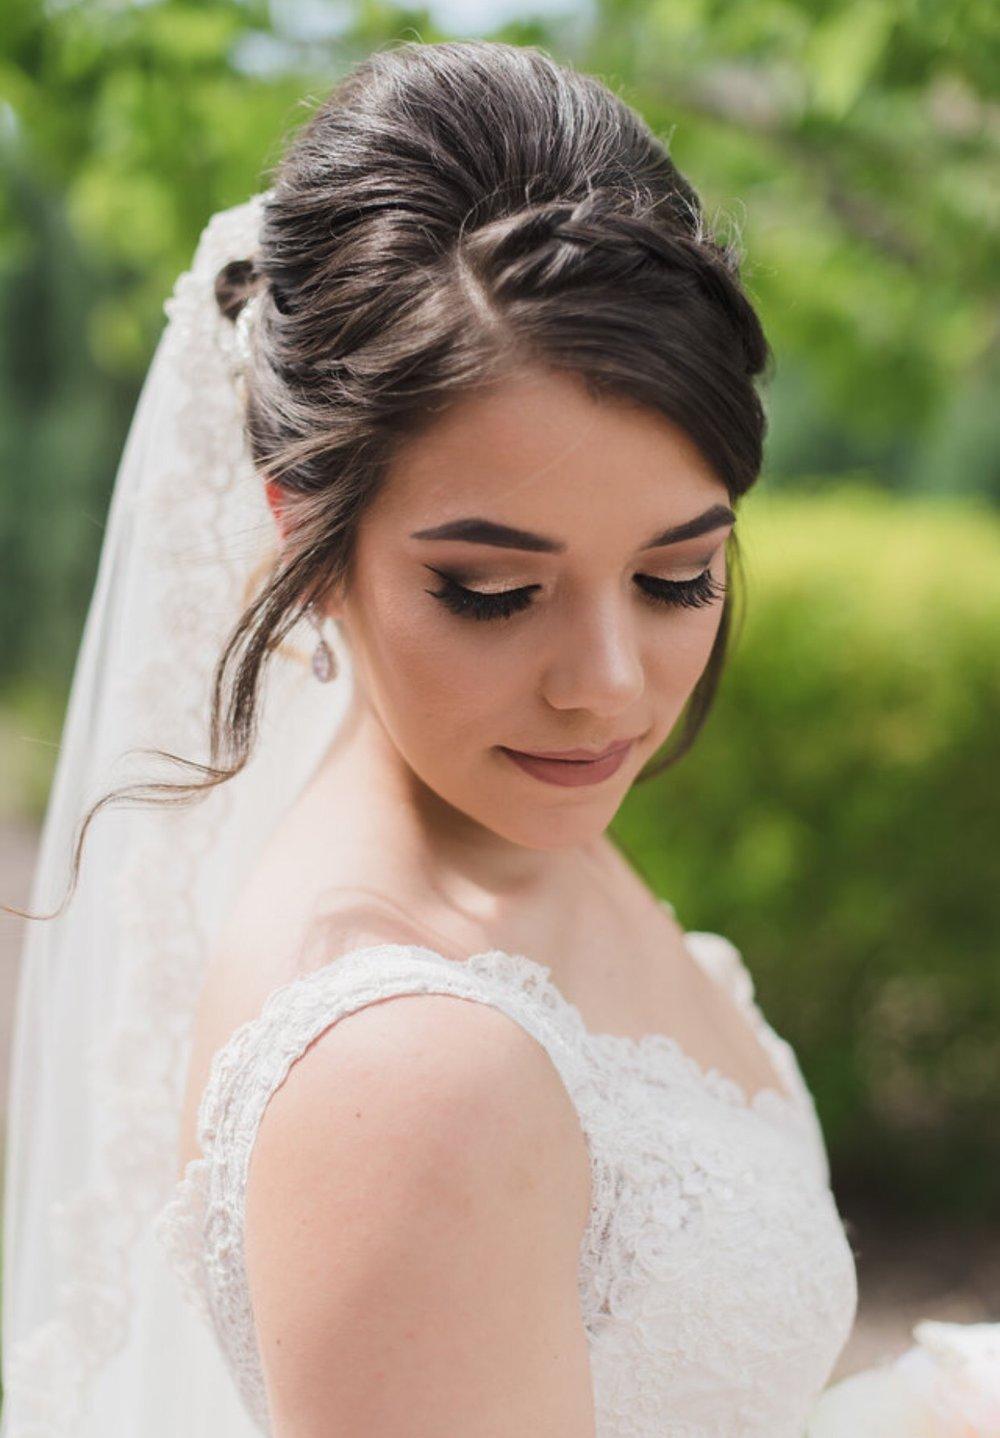 bride-denver-wedding-hairstylist